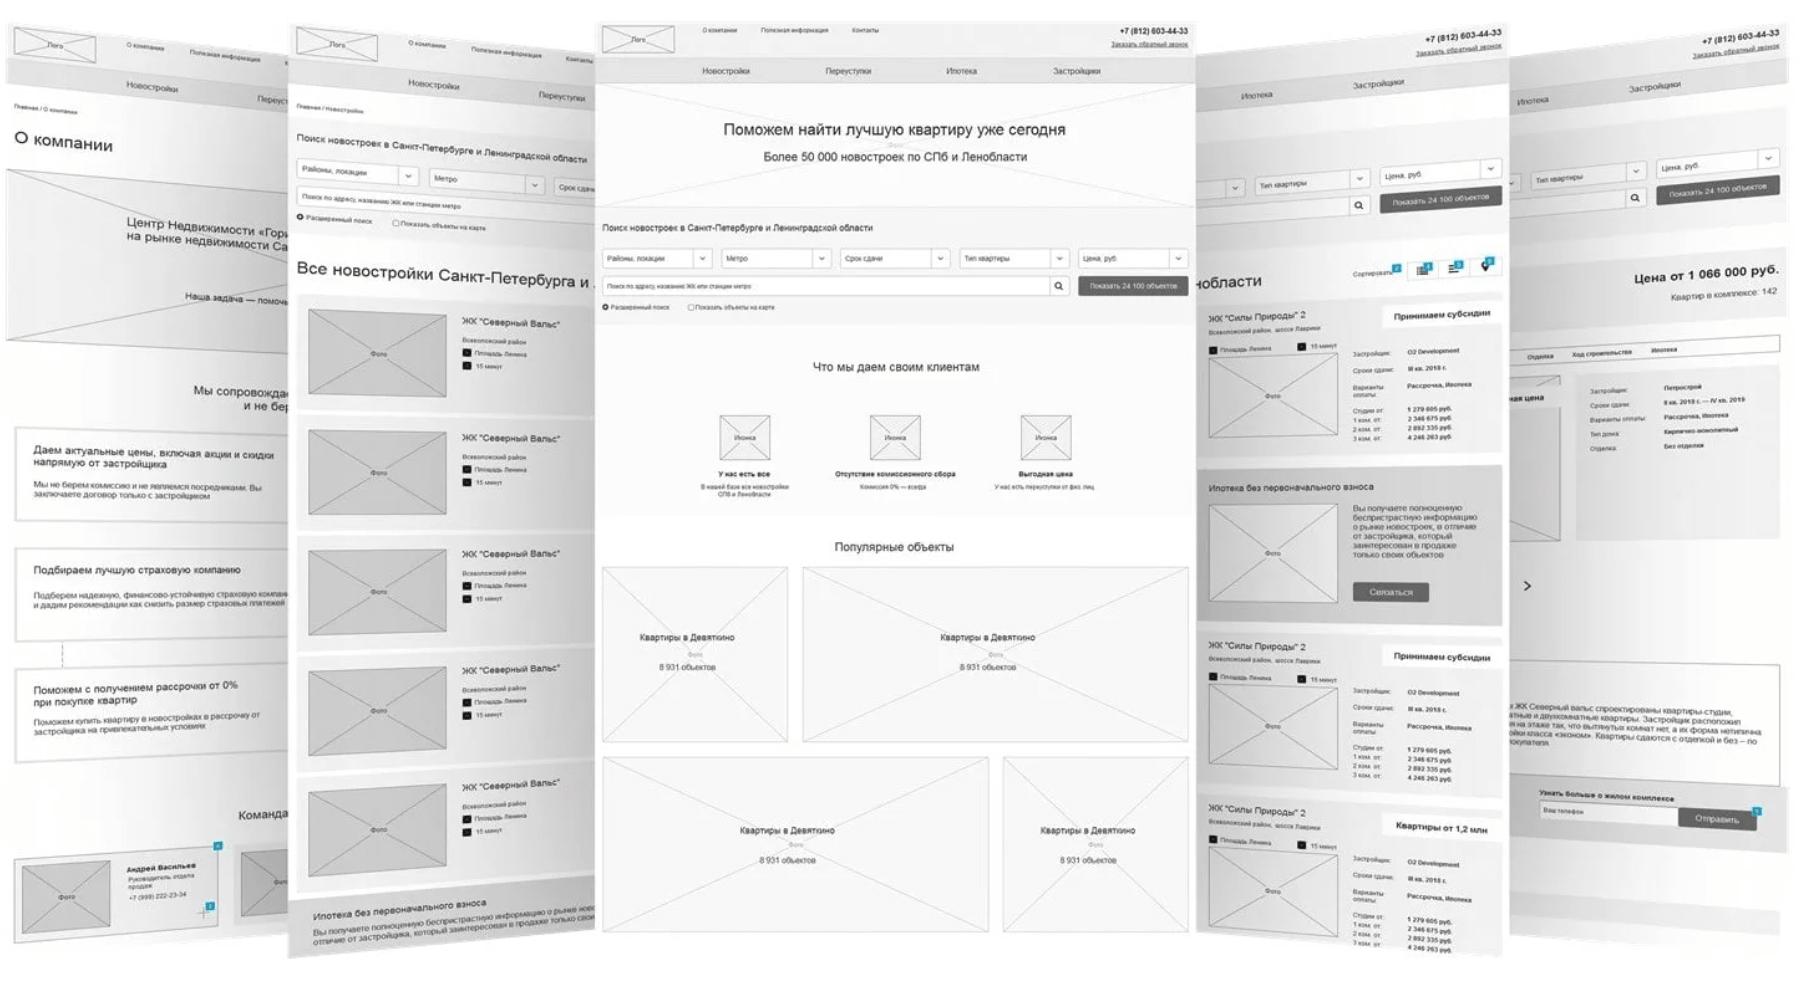 Пример прототипа многостраничного сайта в тематике